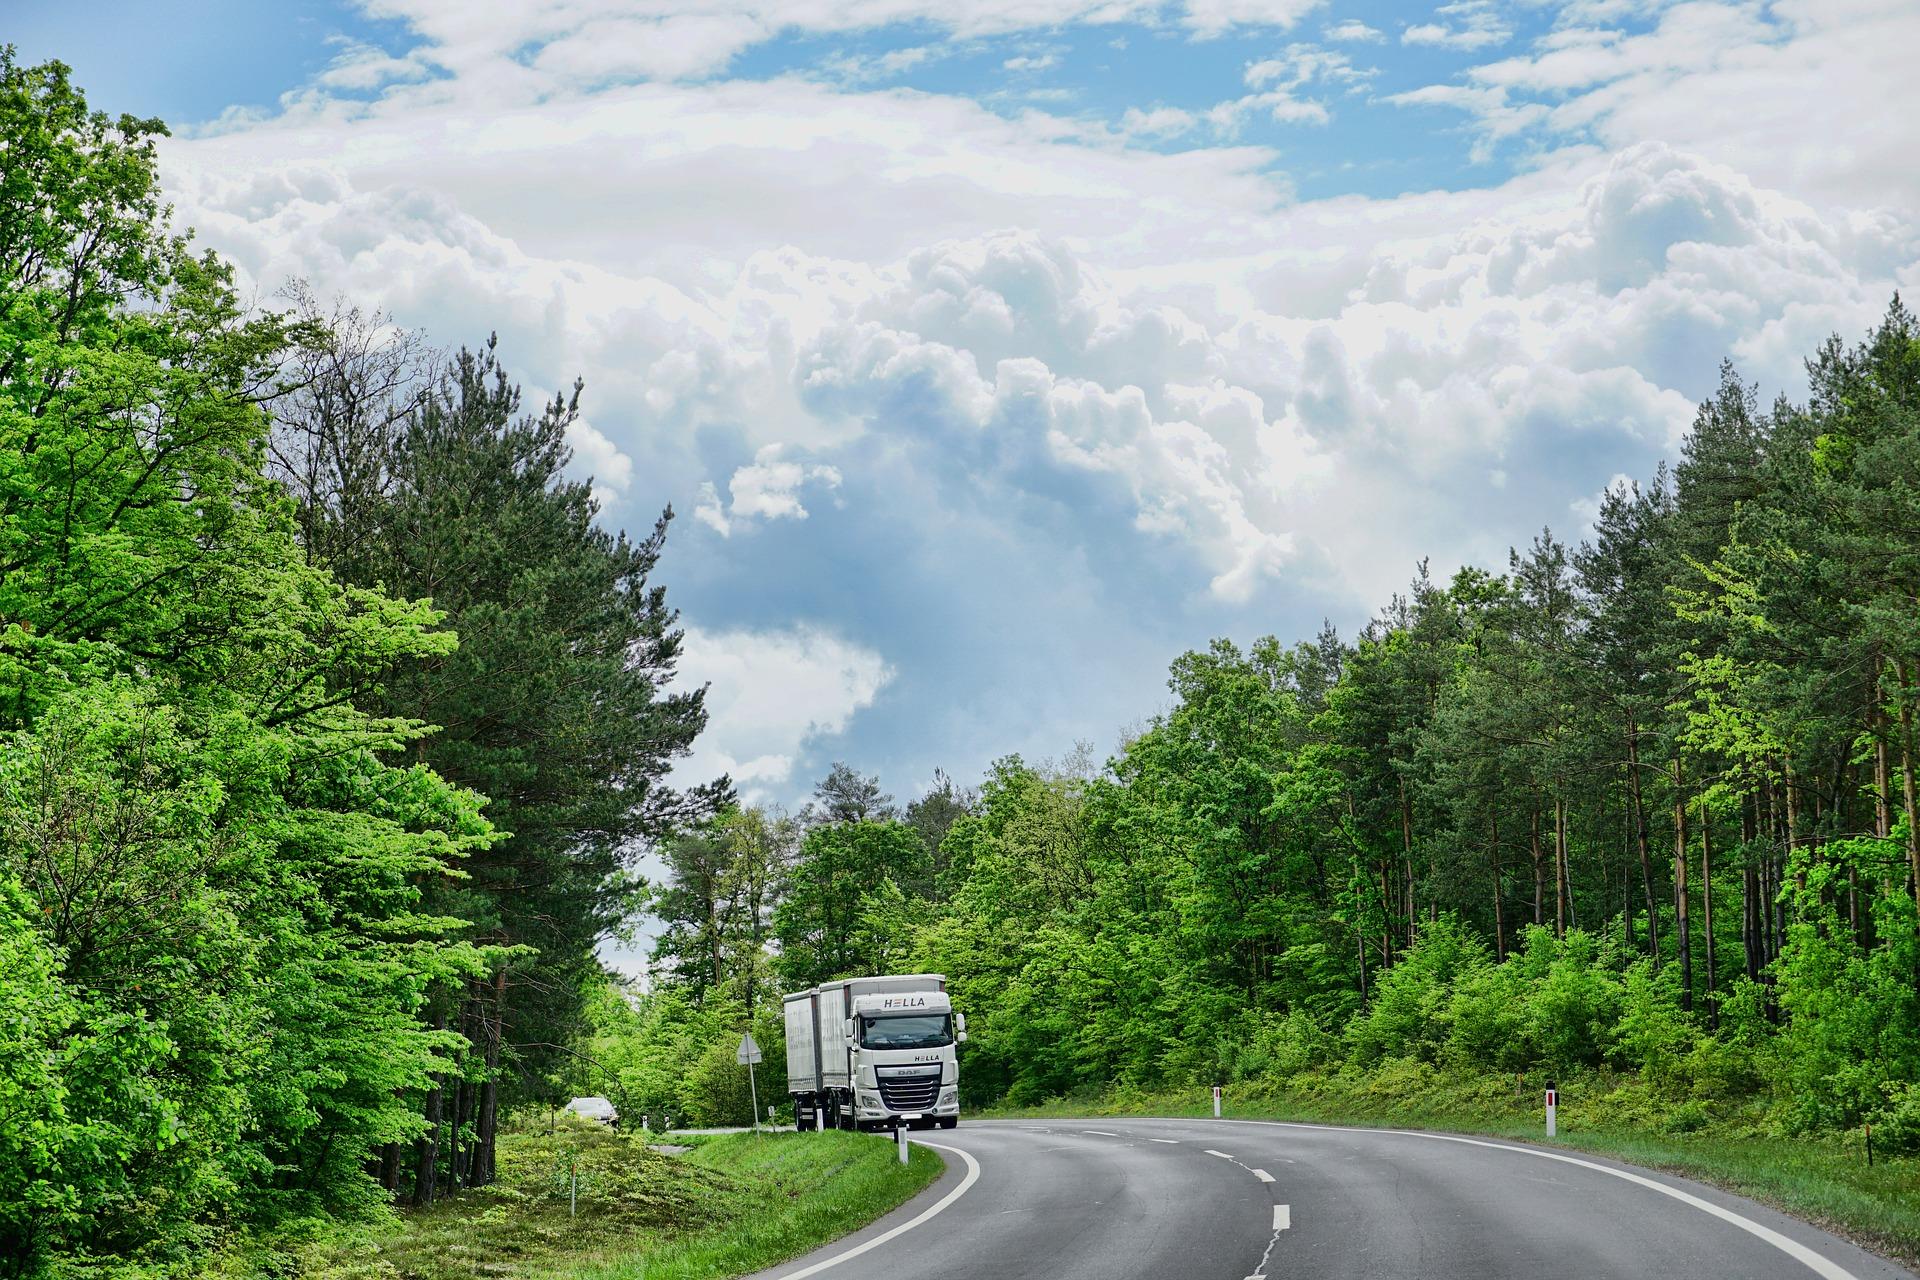 Samochód ciężarowy na drodze